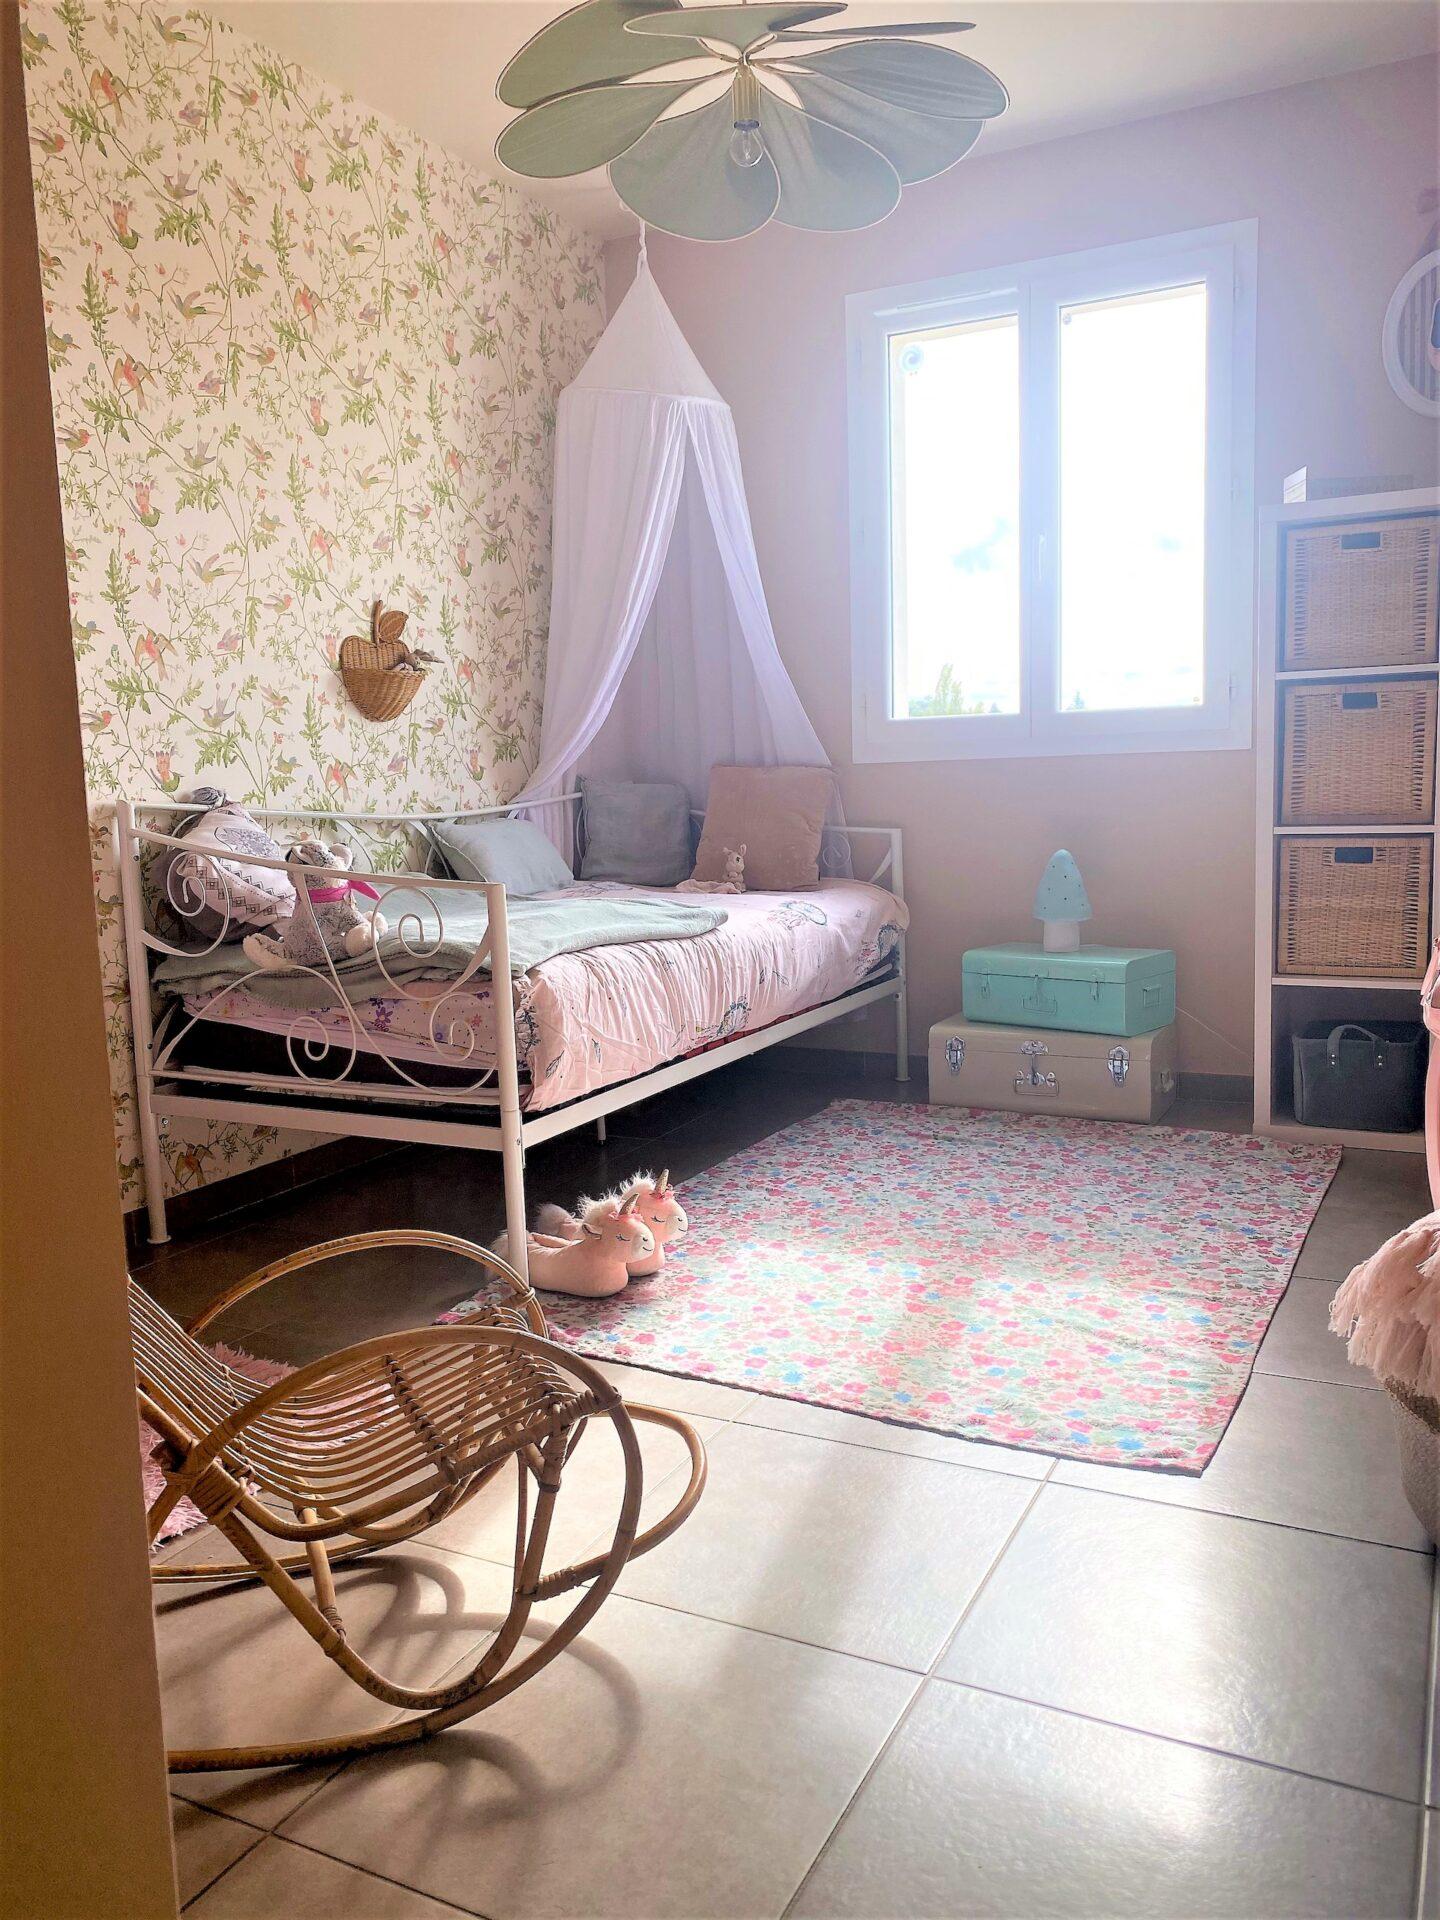 Décoration et agencement Villa à Saint Maximin la Sainte baume- La chambre fille rose pale et vert, par Myll décors , Agence de décoration à Aix en provence et dans le Var